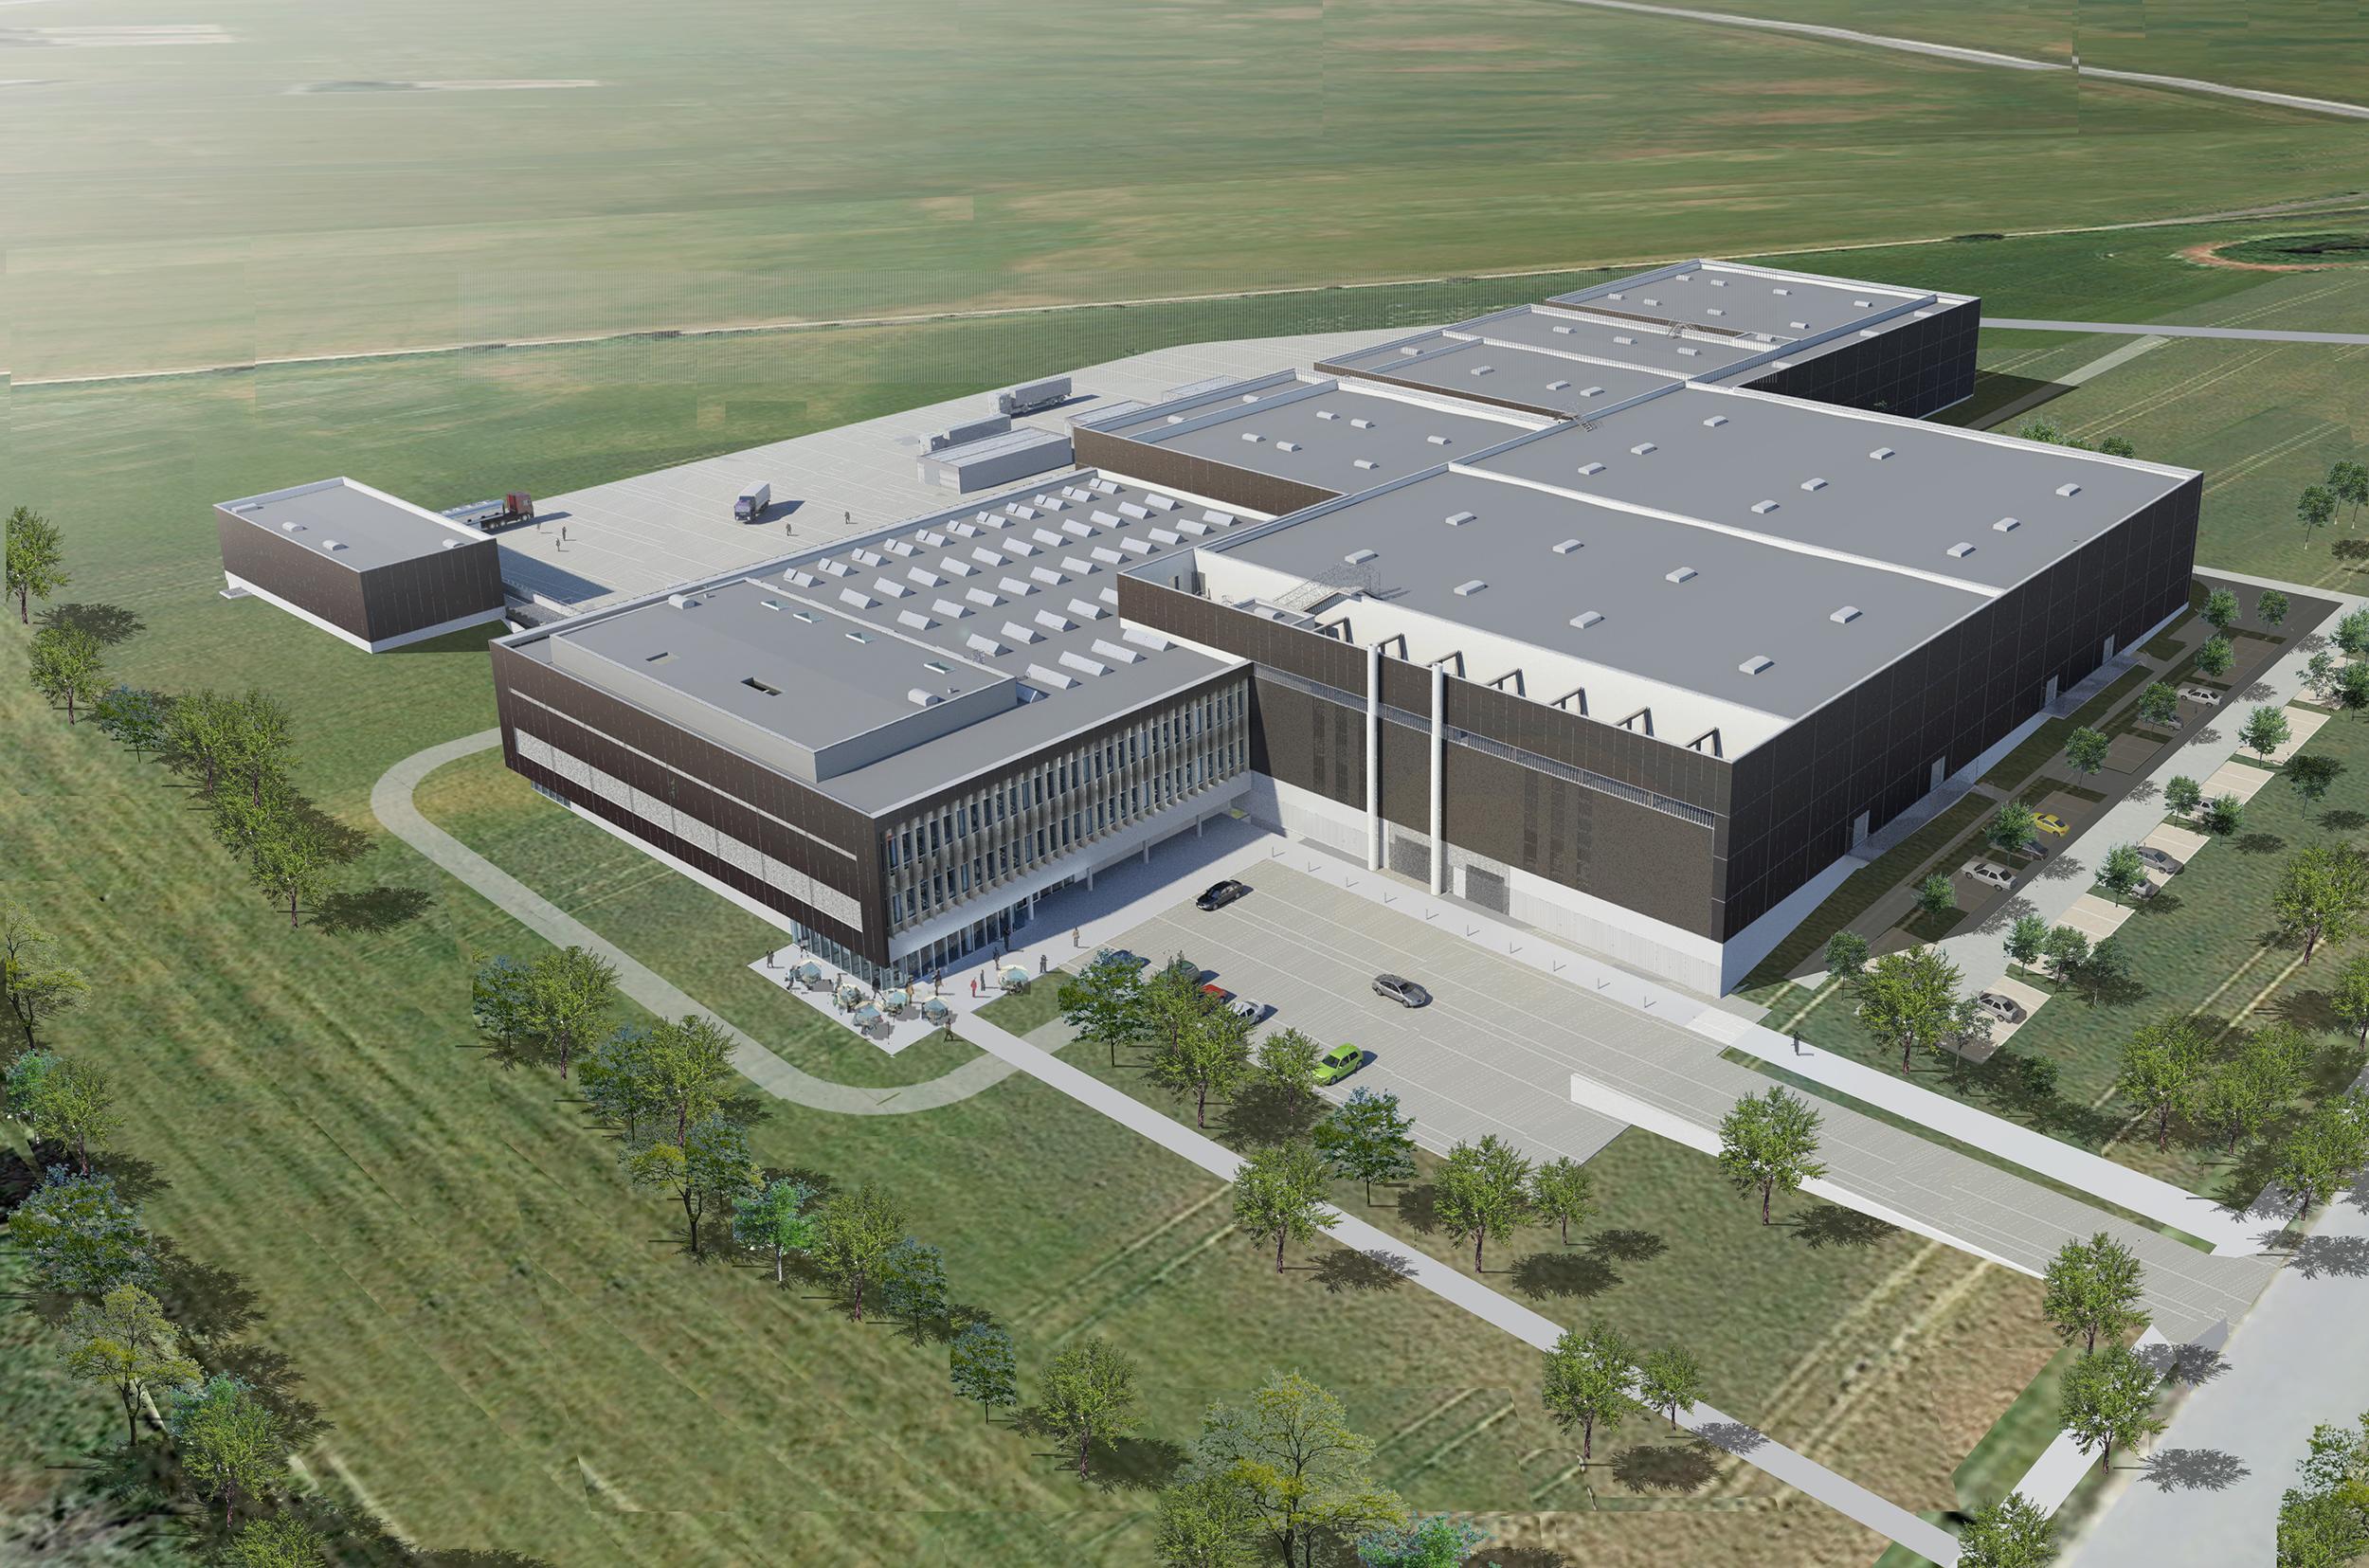 dw-nn-ps-warehouse-aerial-2500px.jpg